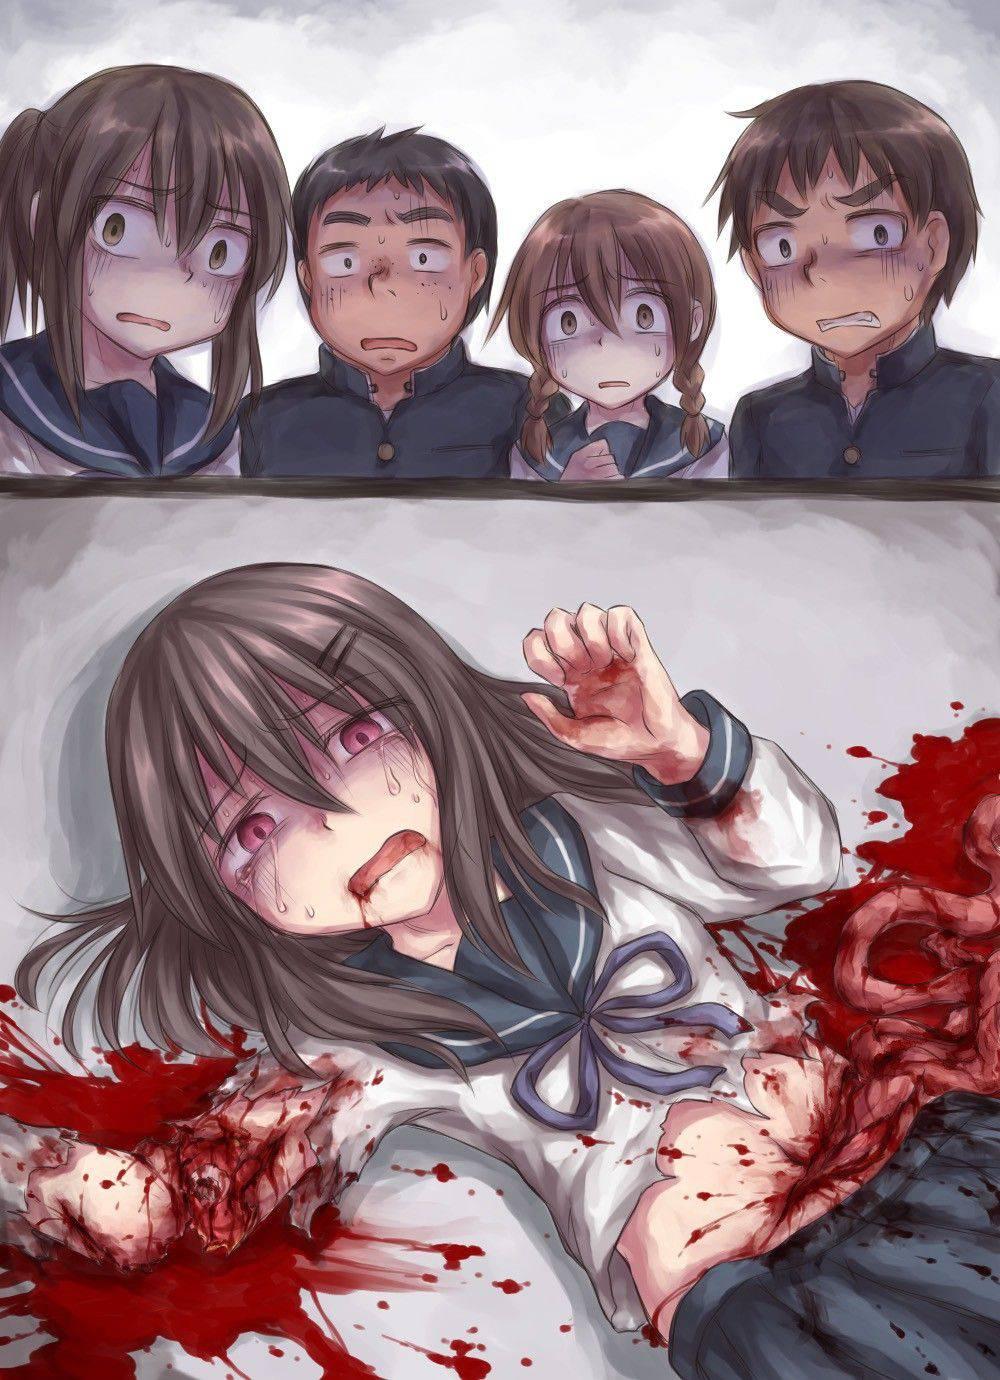 【瀕死】もう少ししたら死ぬんだろうなって状況の二次リョナ・グロ画像